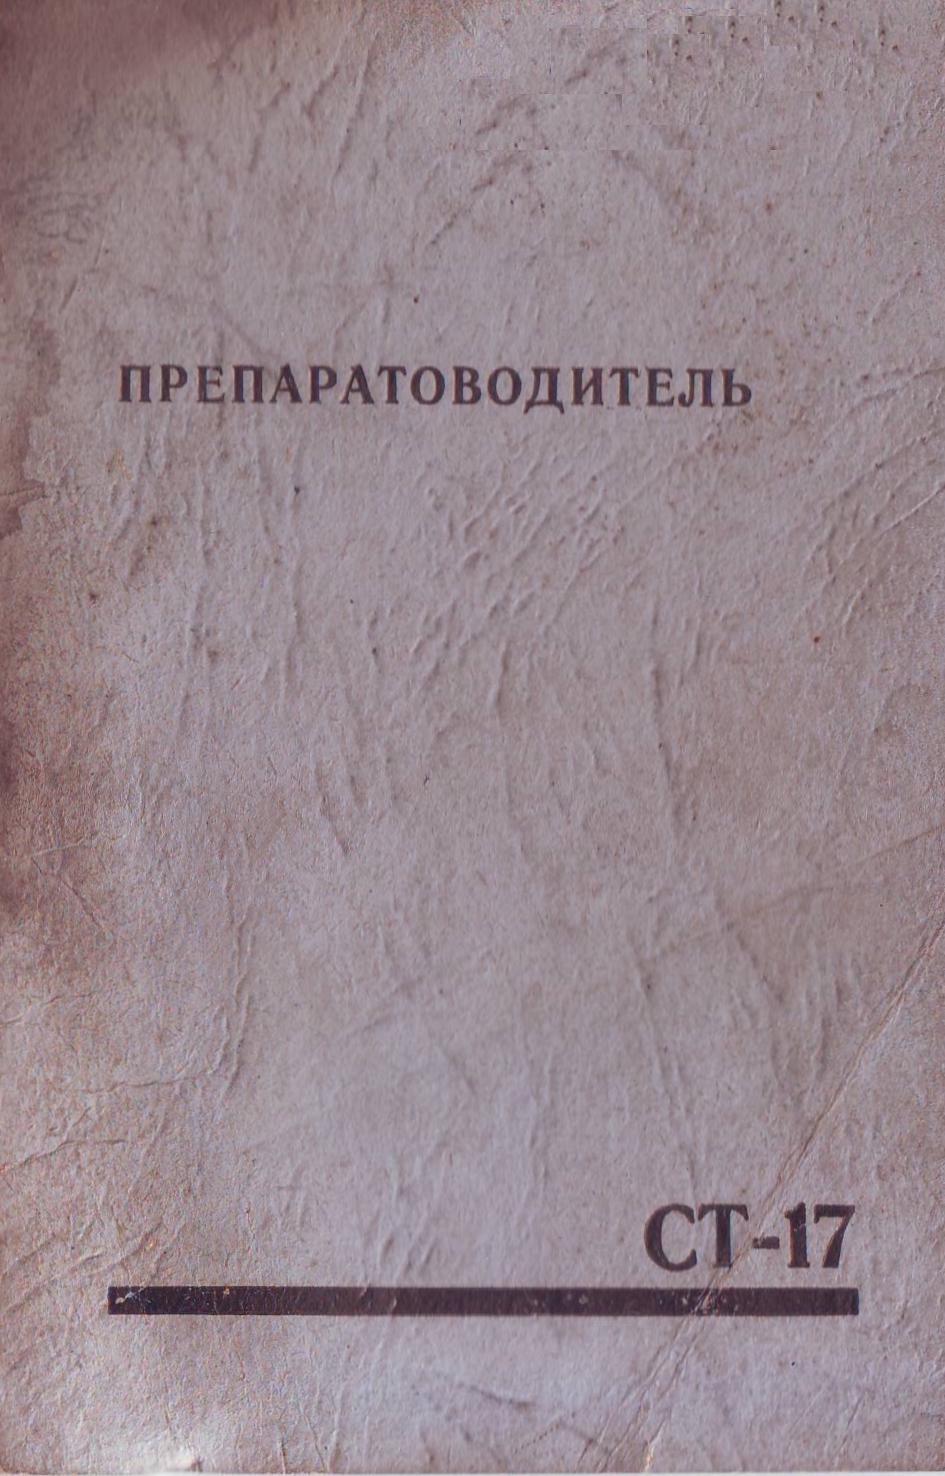 препаратоводитель ст-17 инструкция